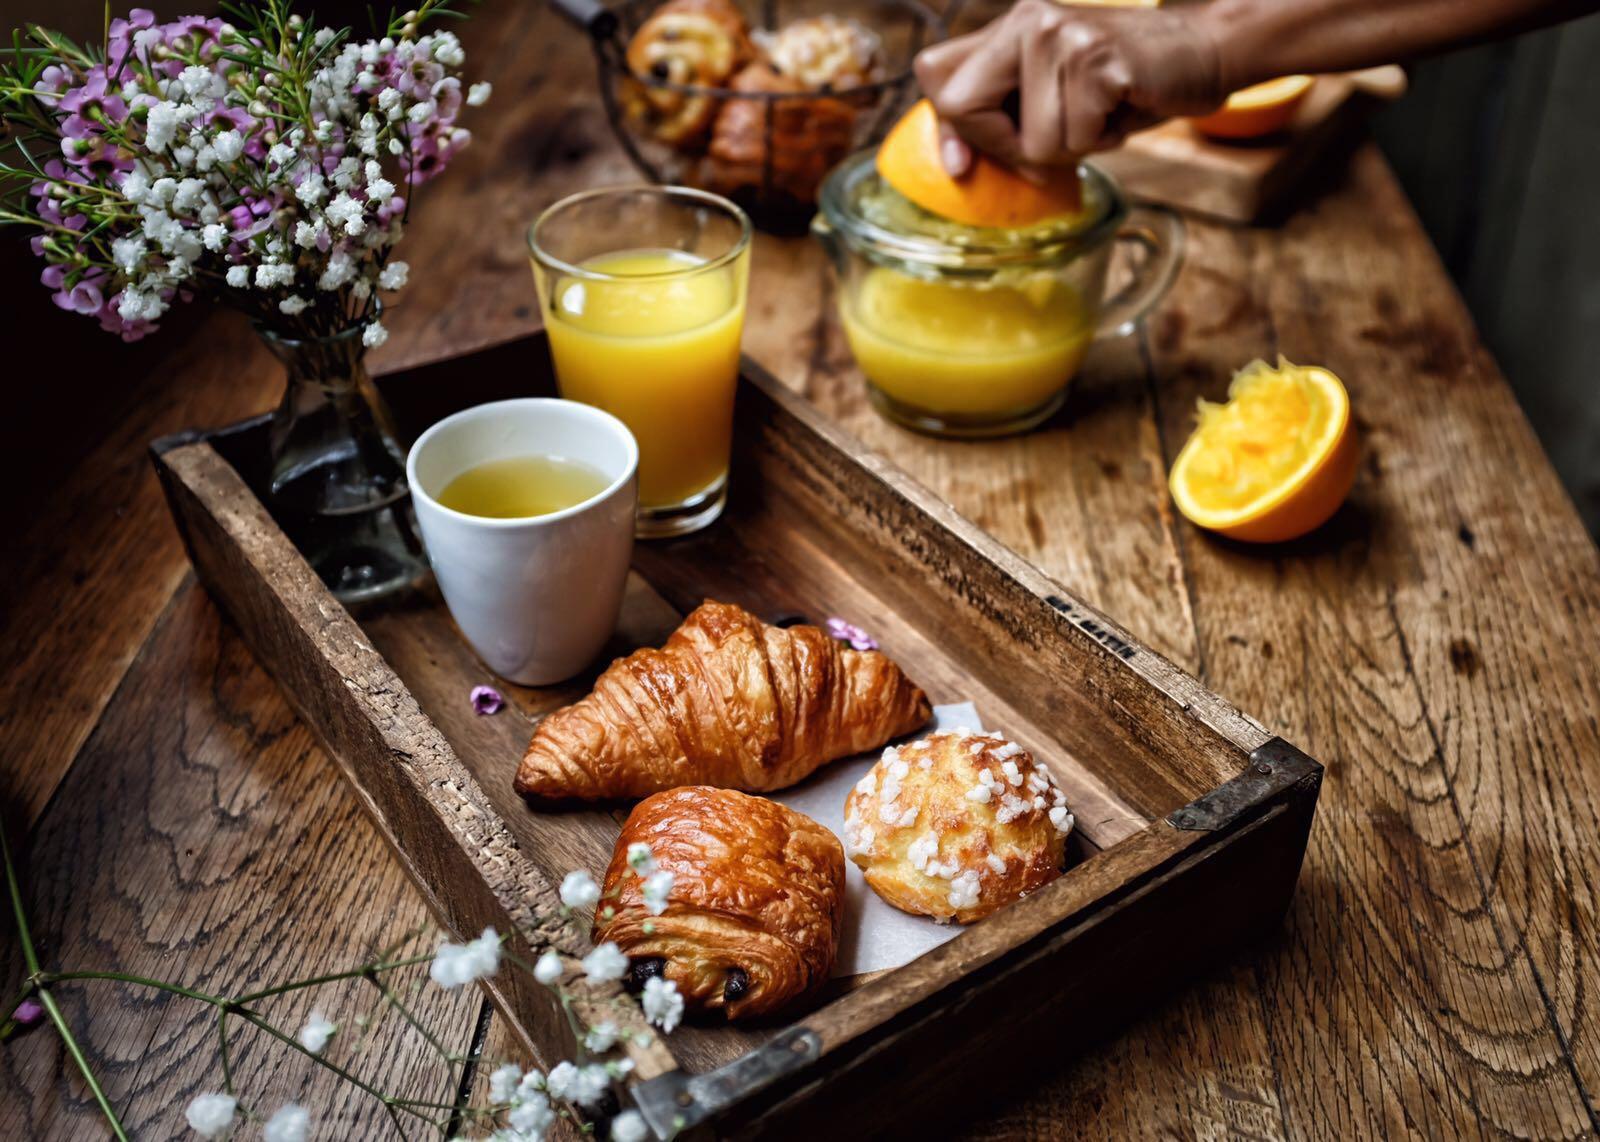 L'expert petit-déjeuner : François de Mr Matin - Blog d'OfficeRiders,  réservation d'espaces atypiques